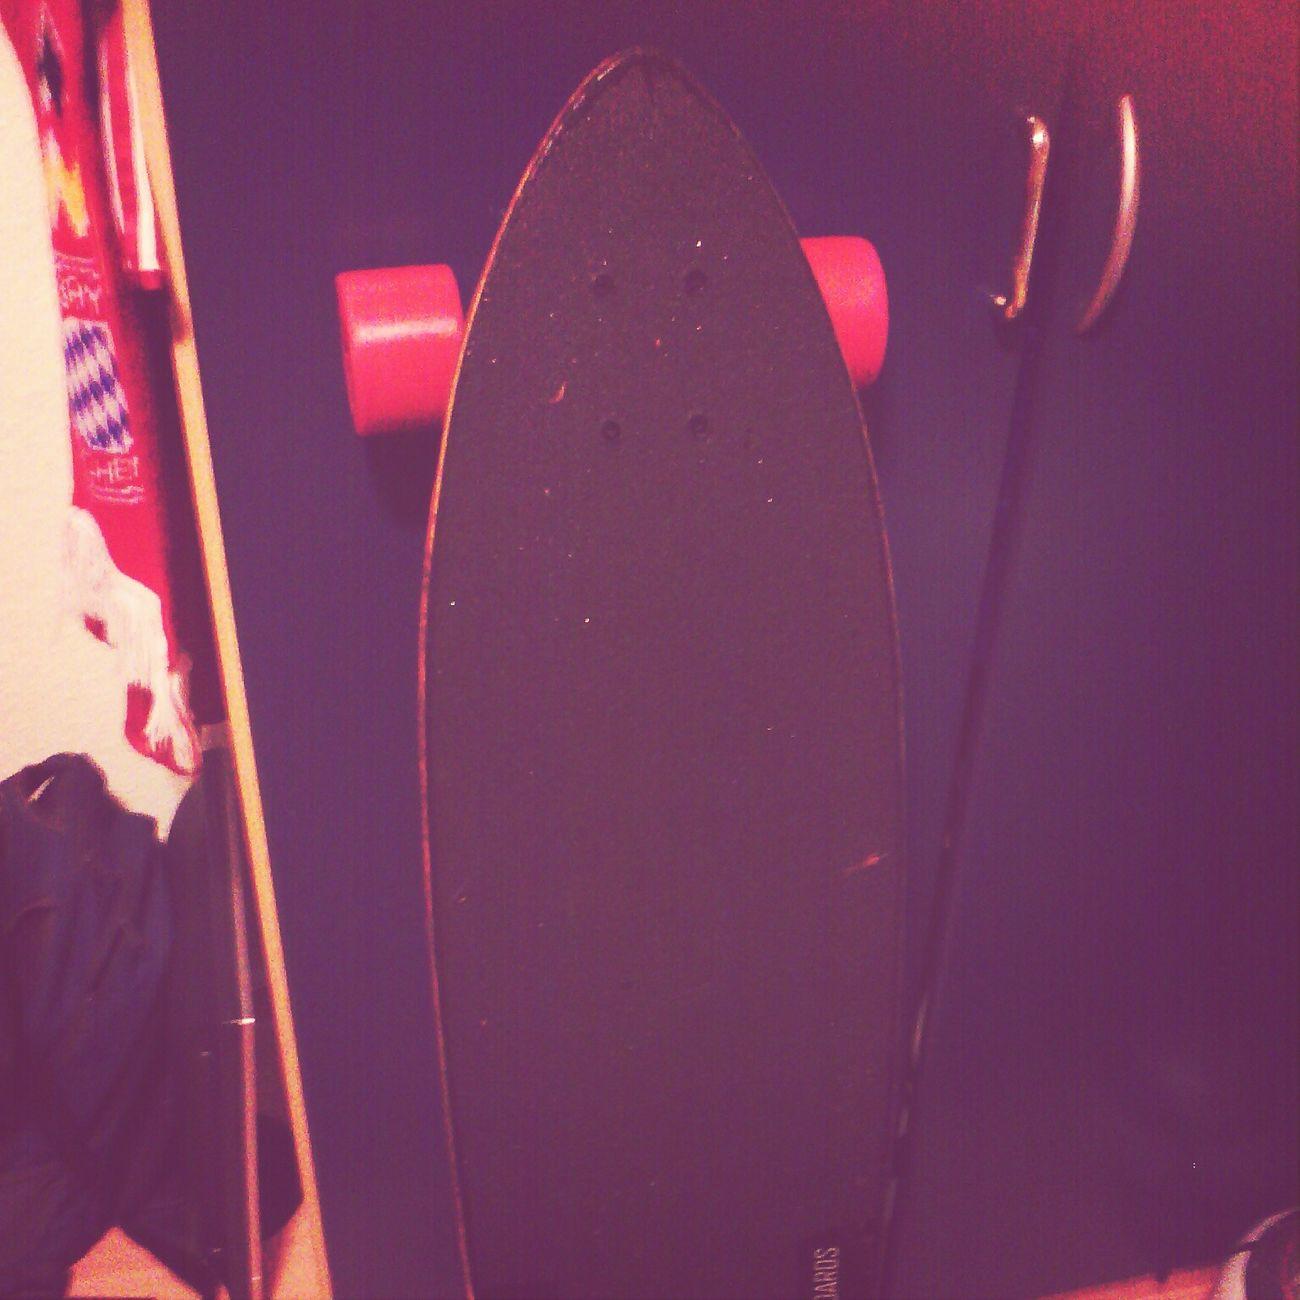 Longboard Longboard <3 Pink RAM